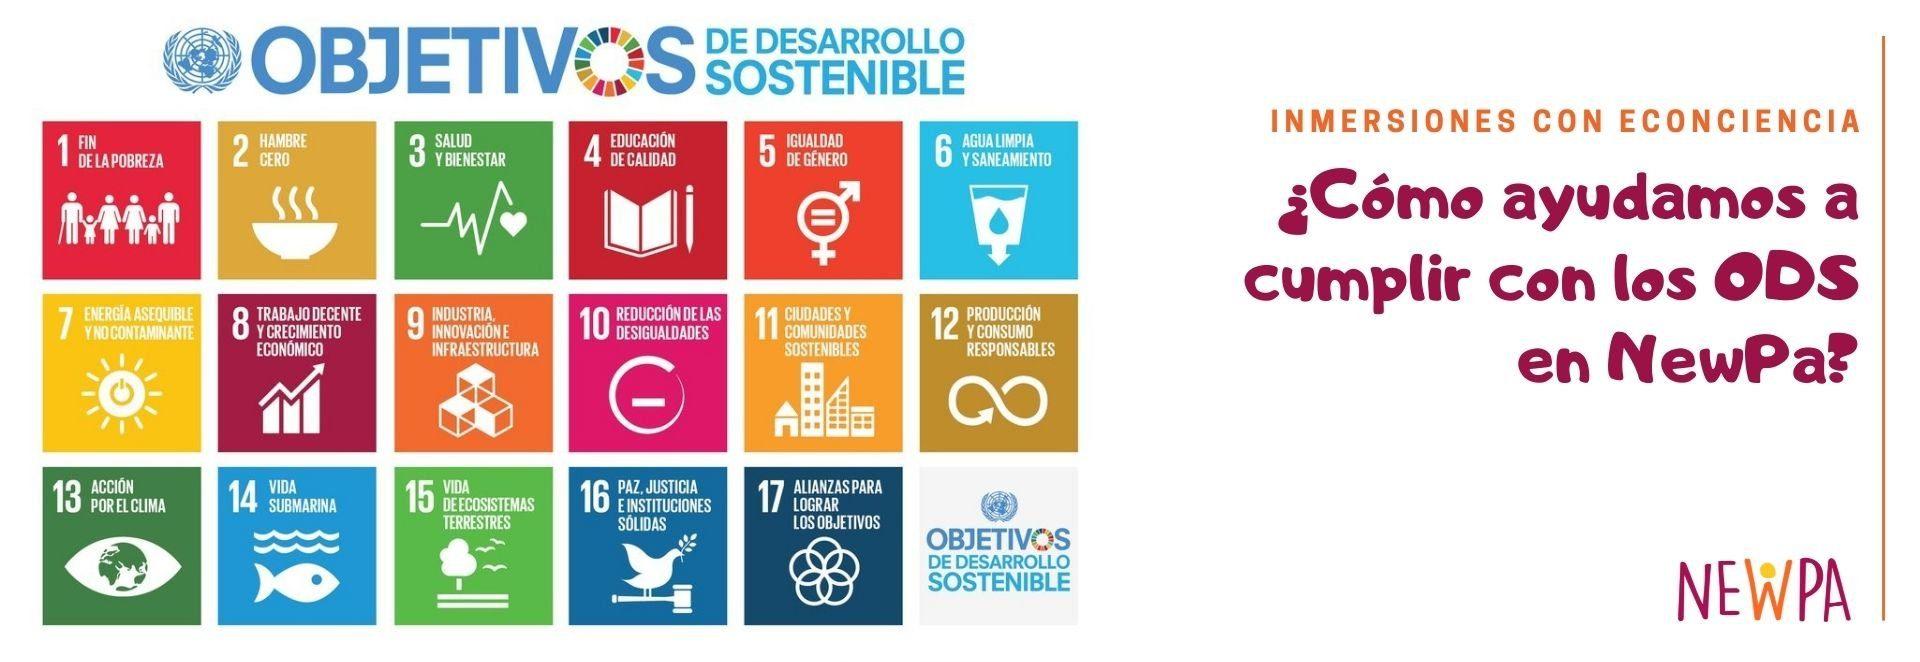 Objetivos de Desarrollo Sostenible - Campamentos sostenibles NewPa